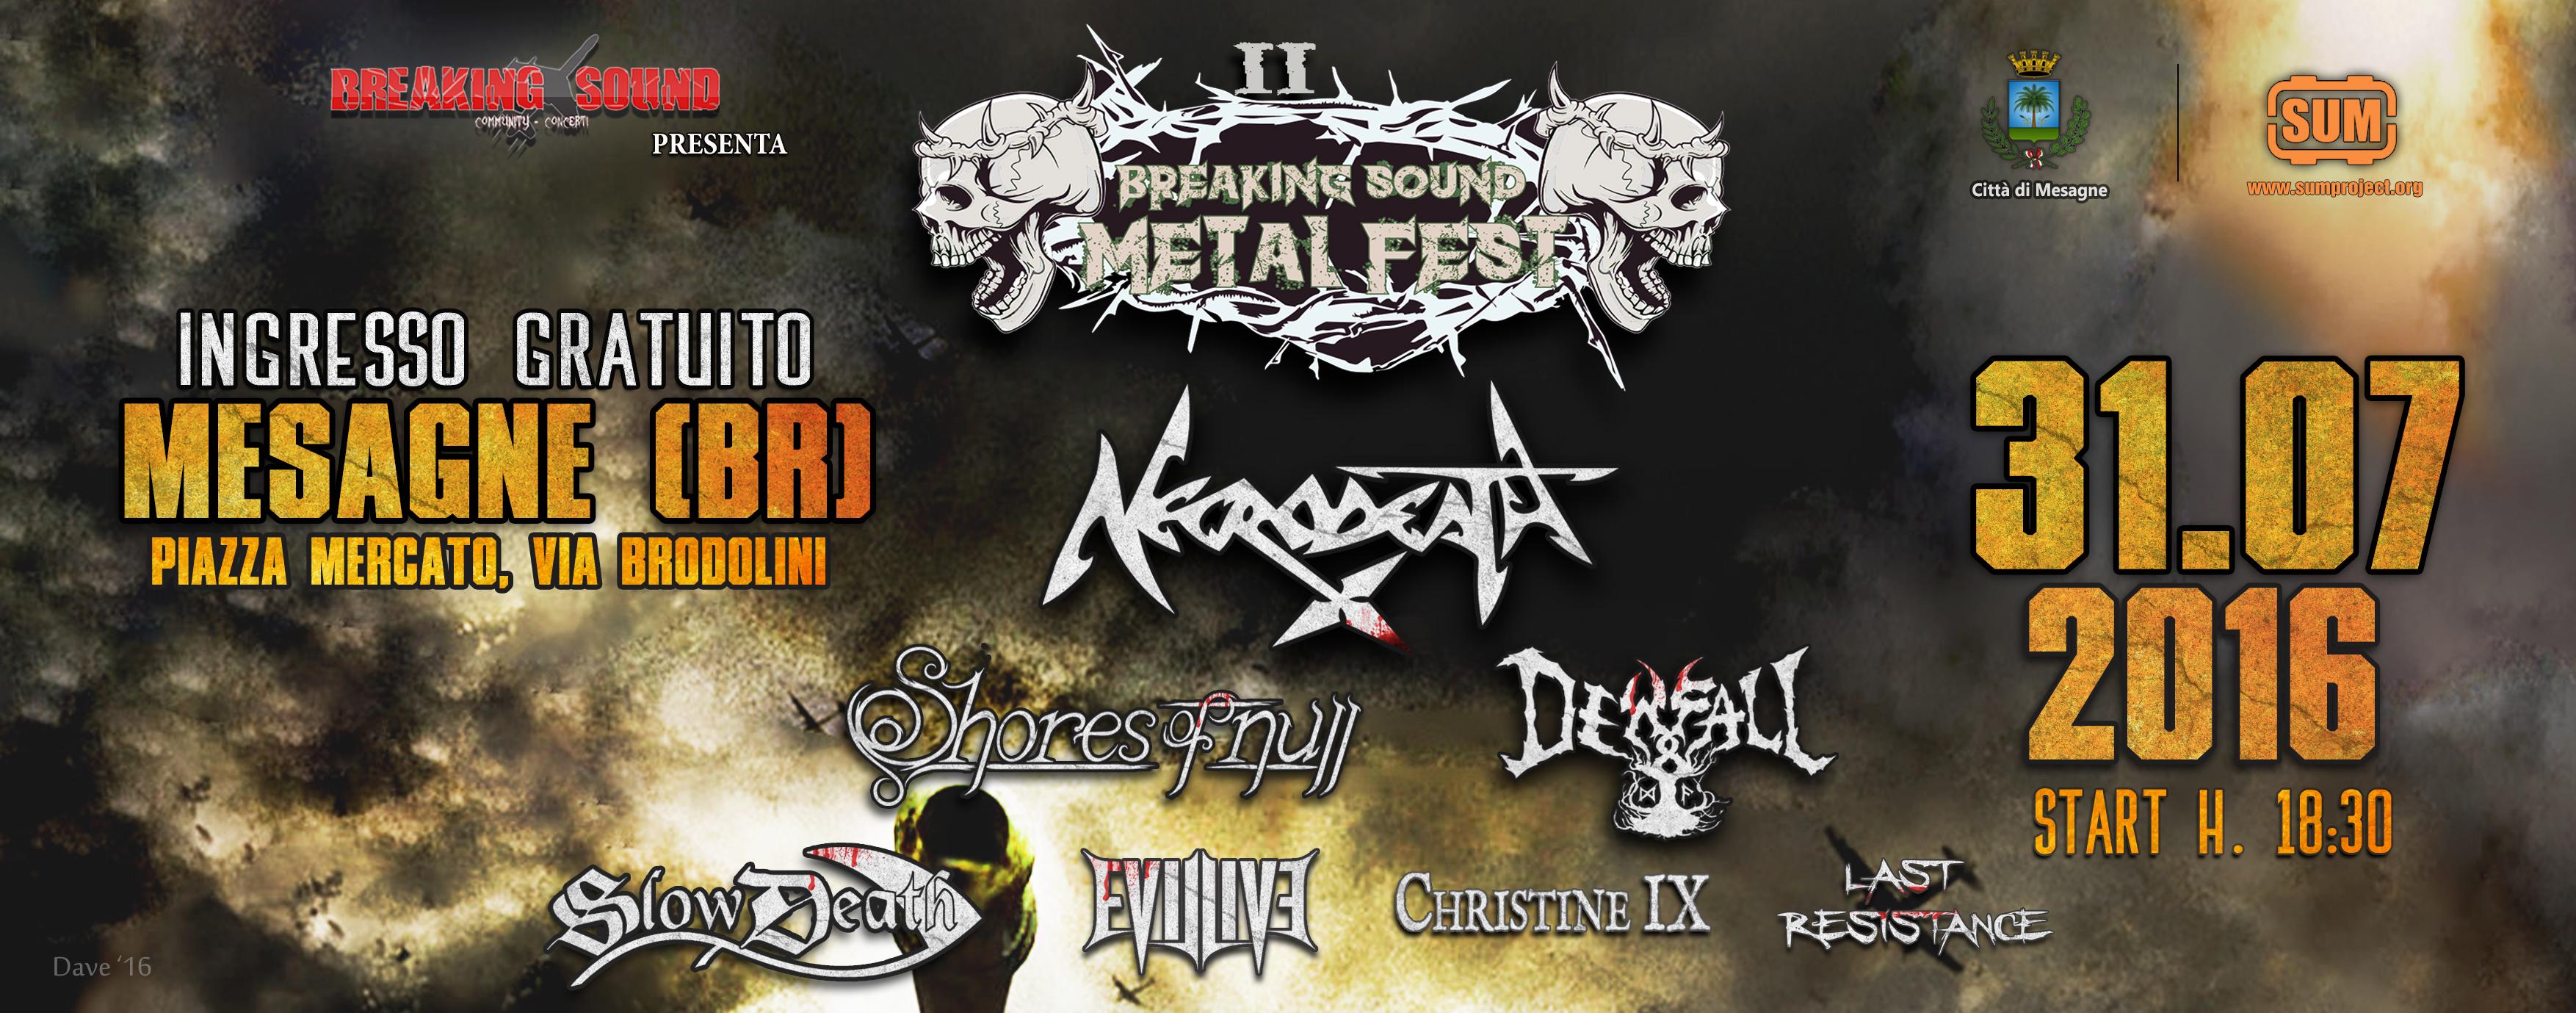 """domenica il secondo capitolo di """"Breaking Sound Metal Fest"""""""